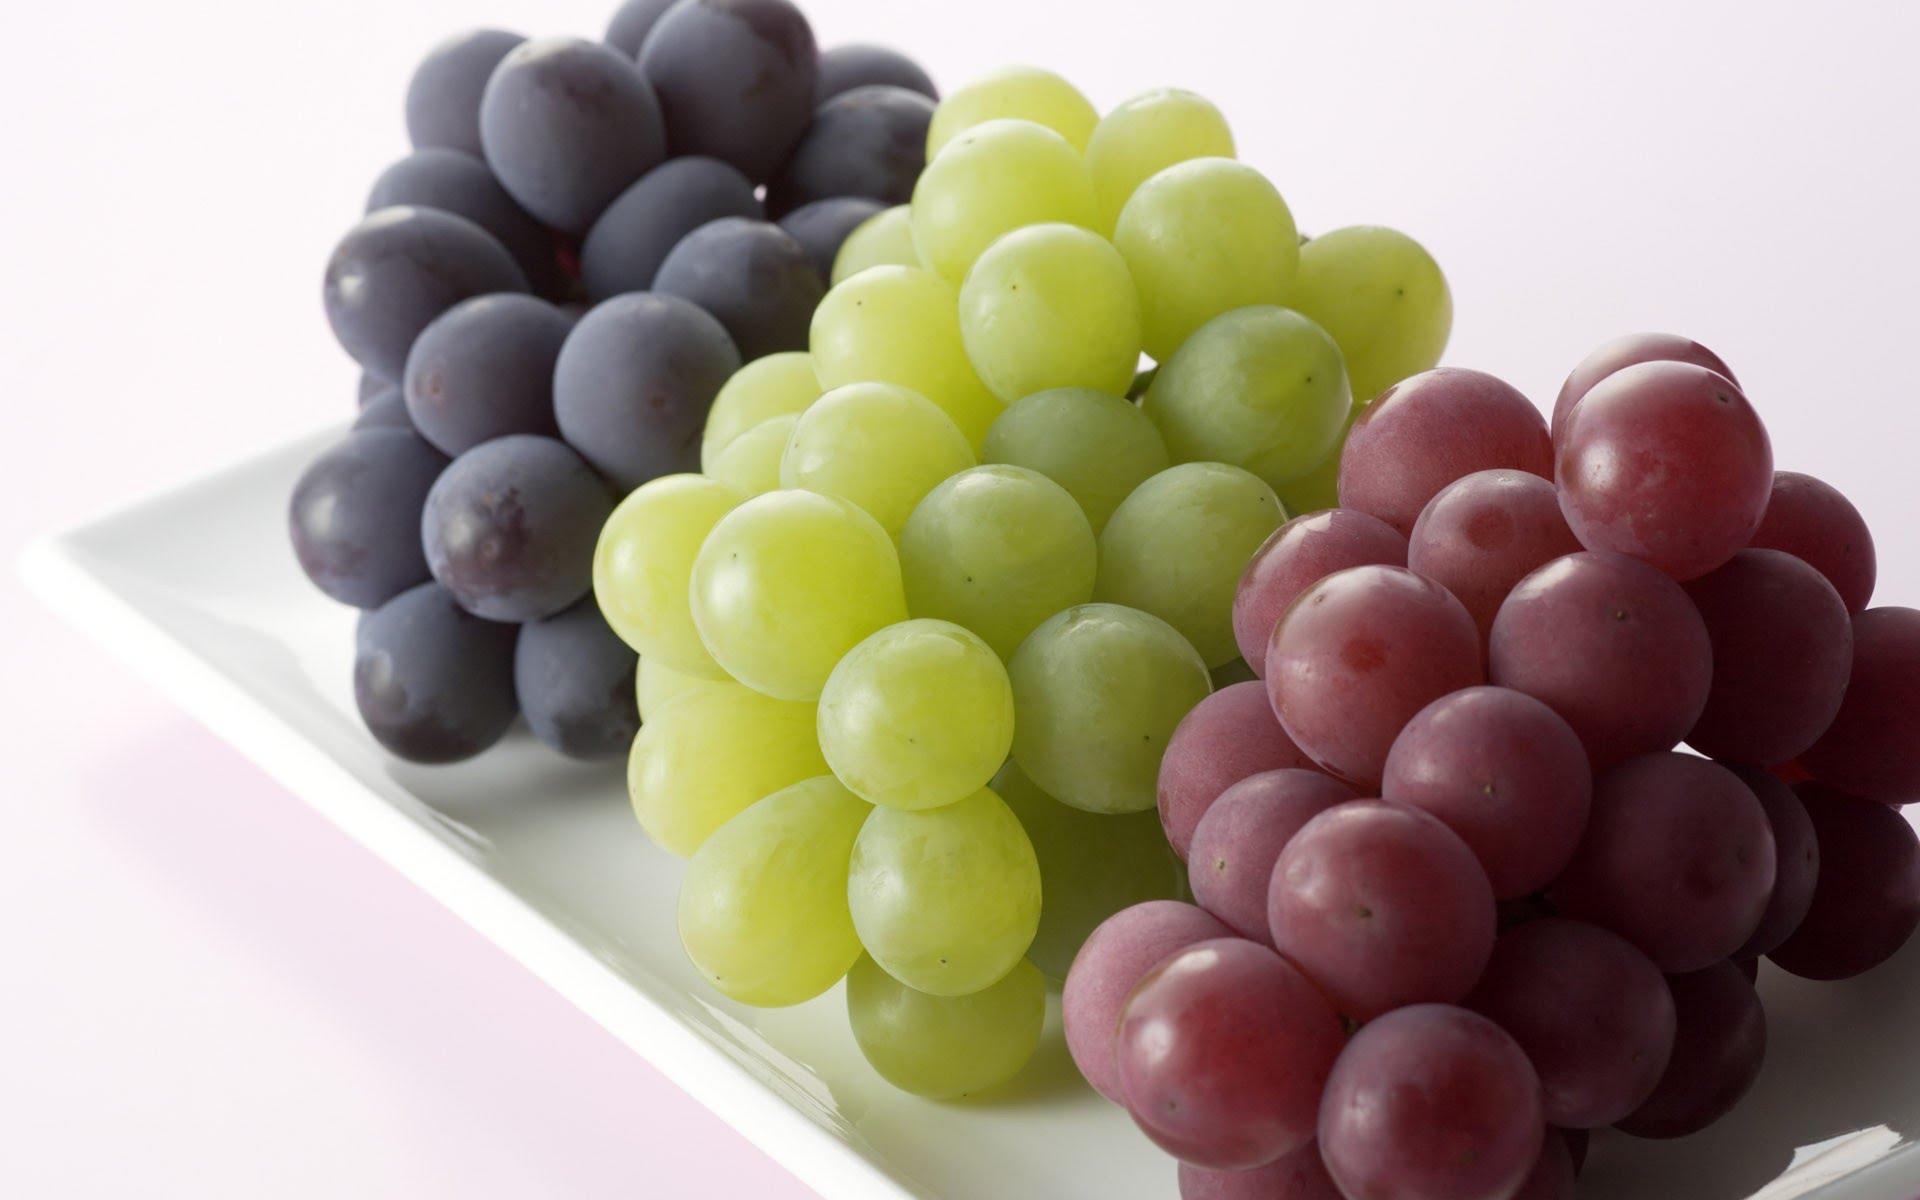 فاكهة العنب علاج لمرض العصر!